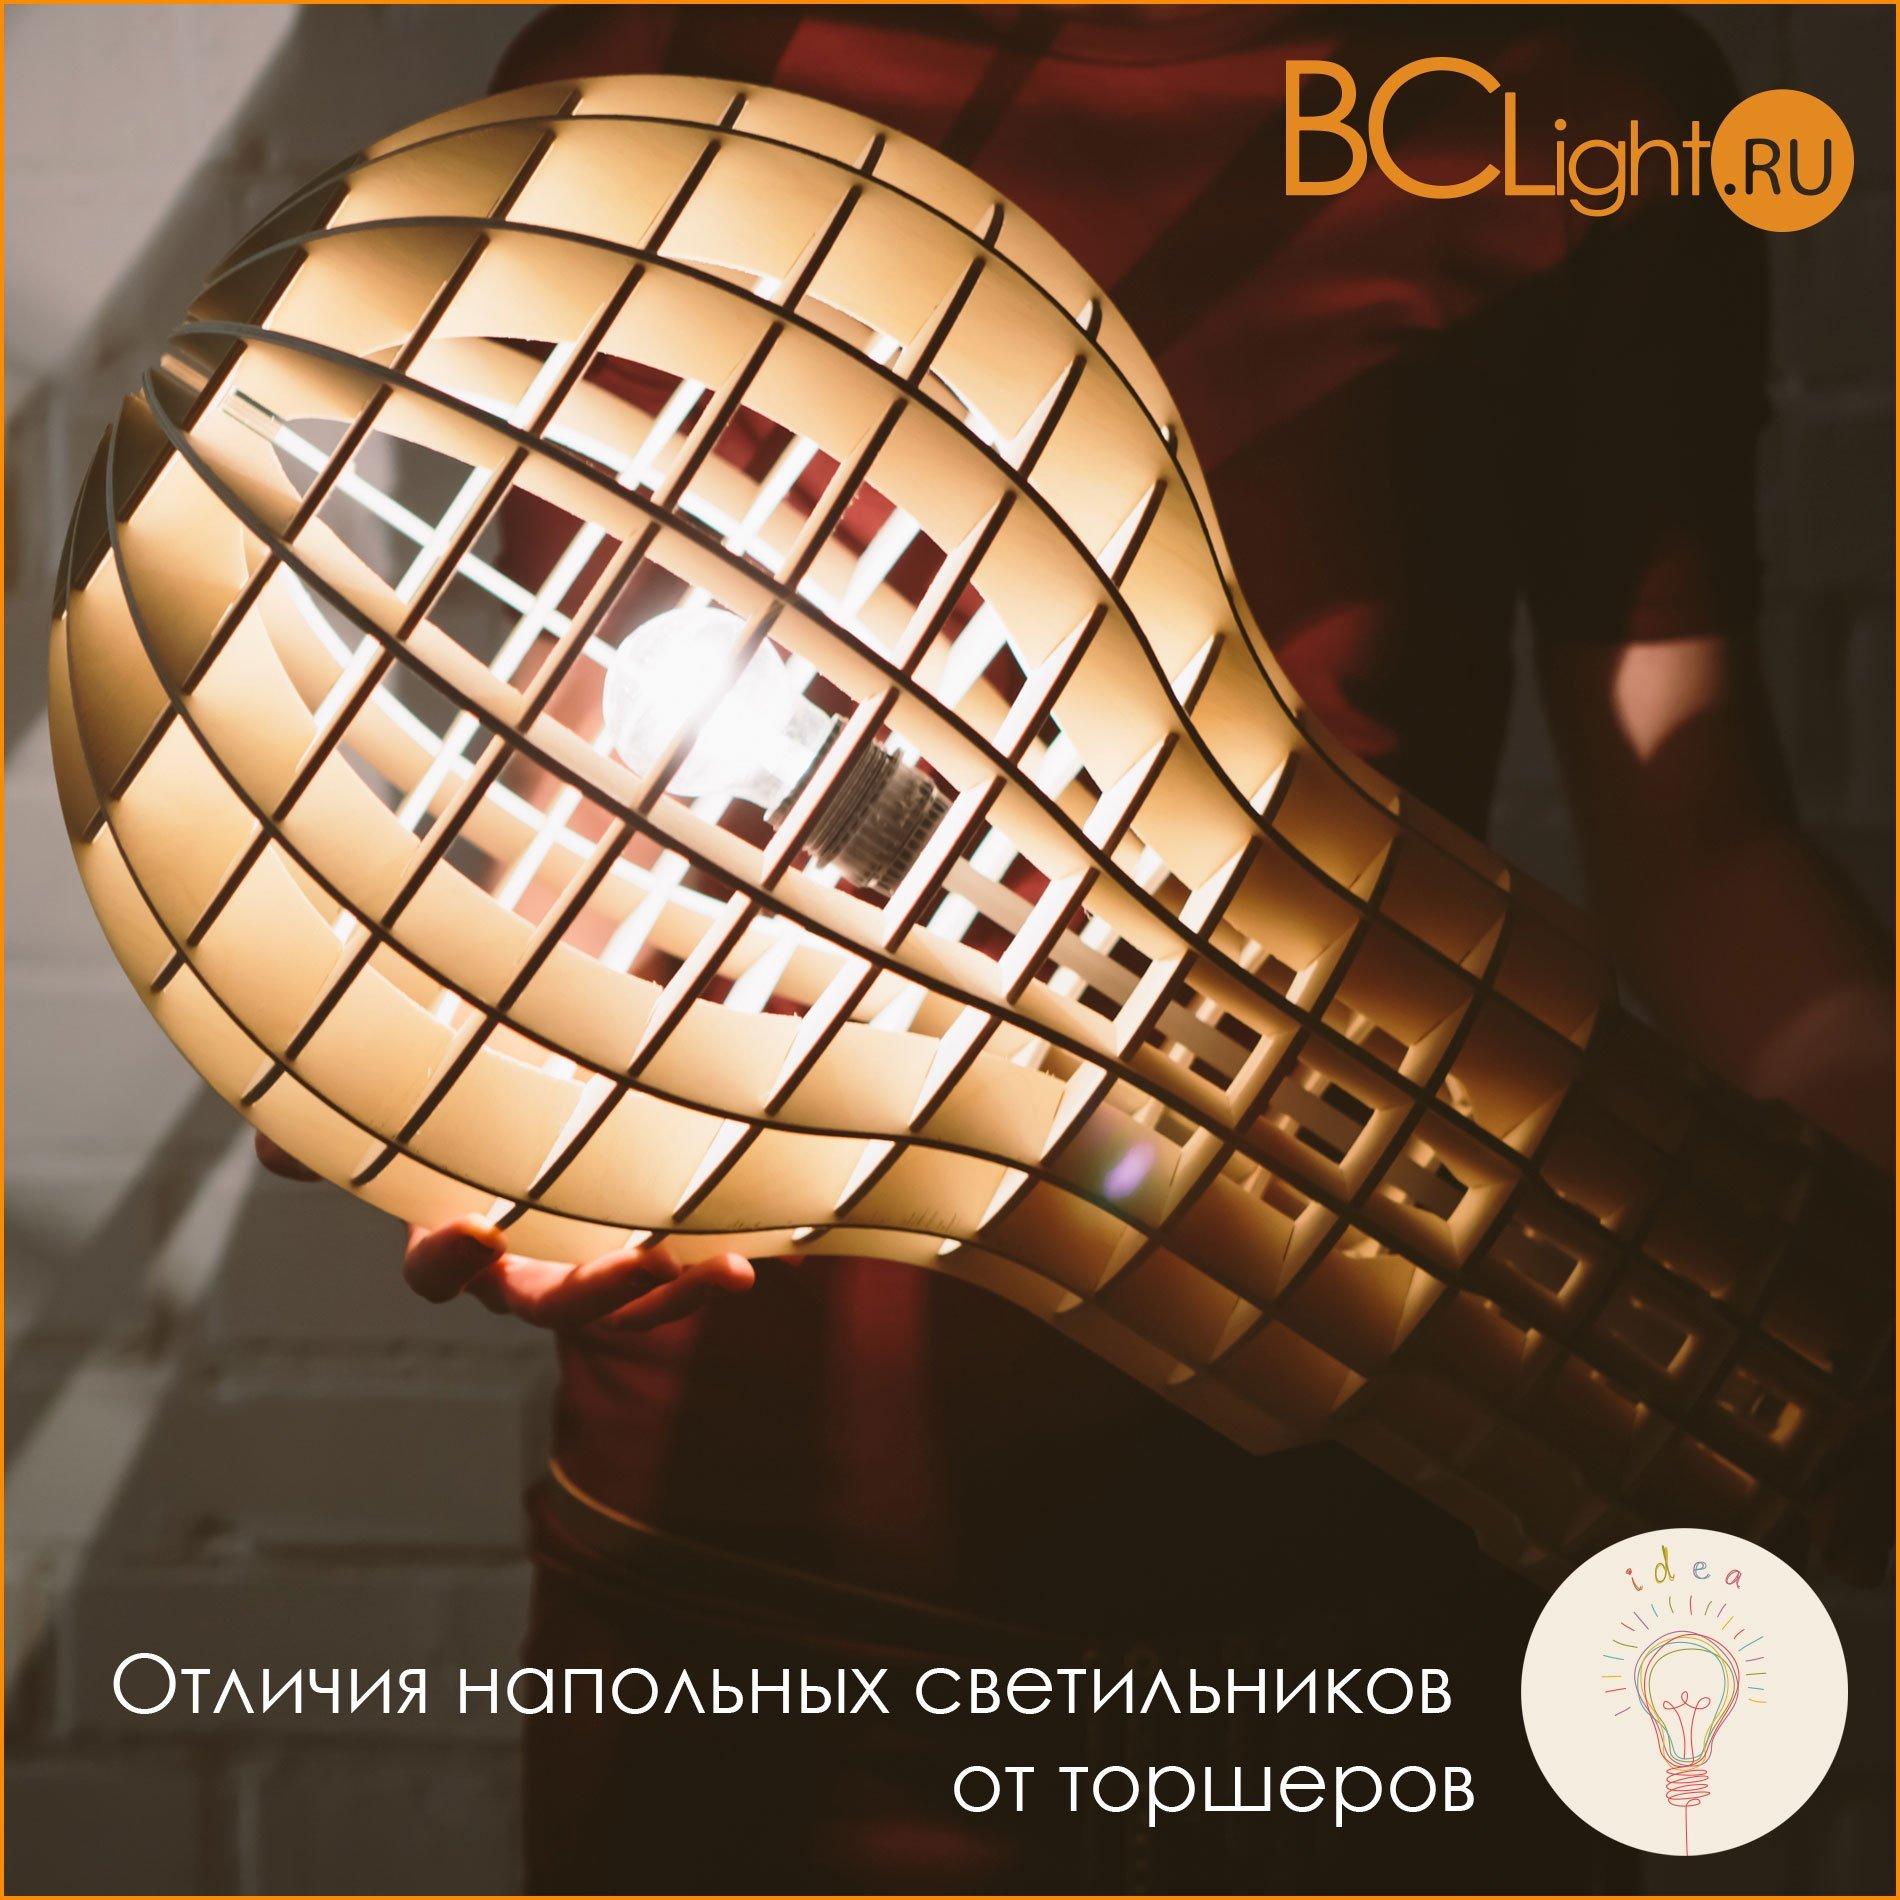 Отличия напольных светильников от торшеров